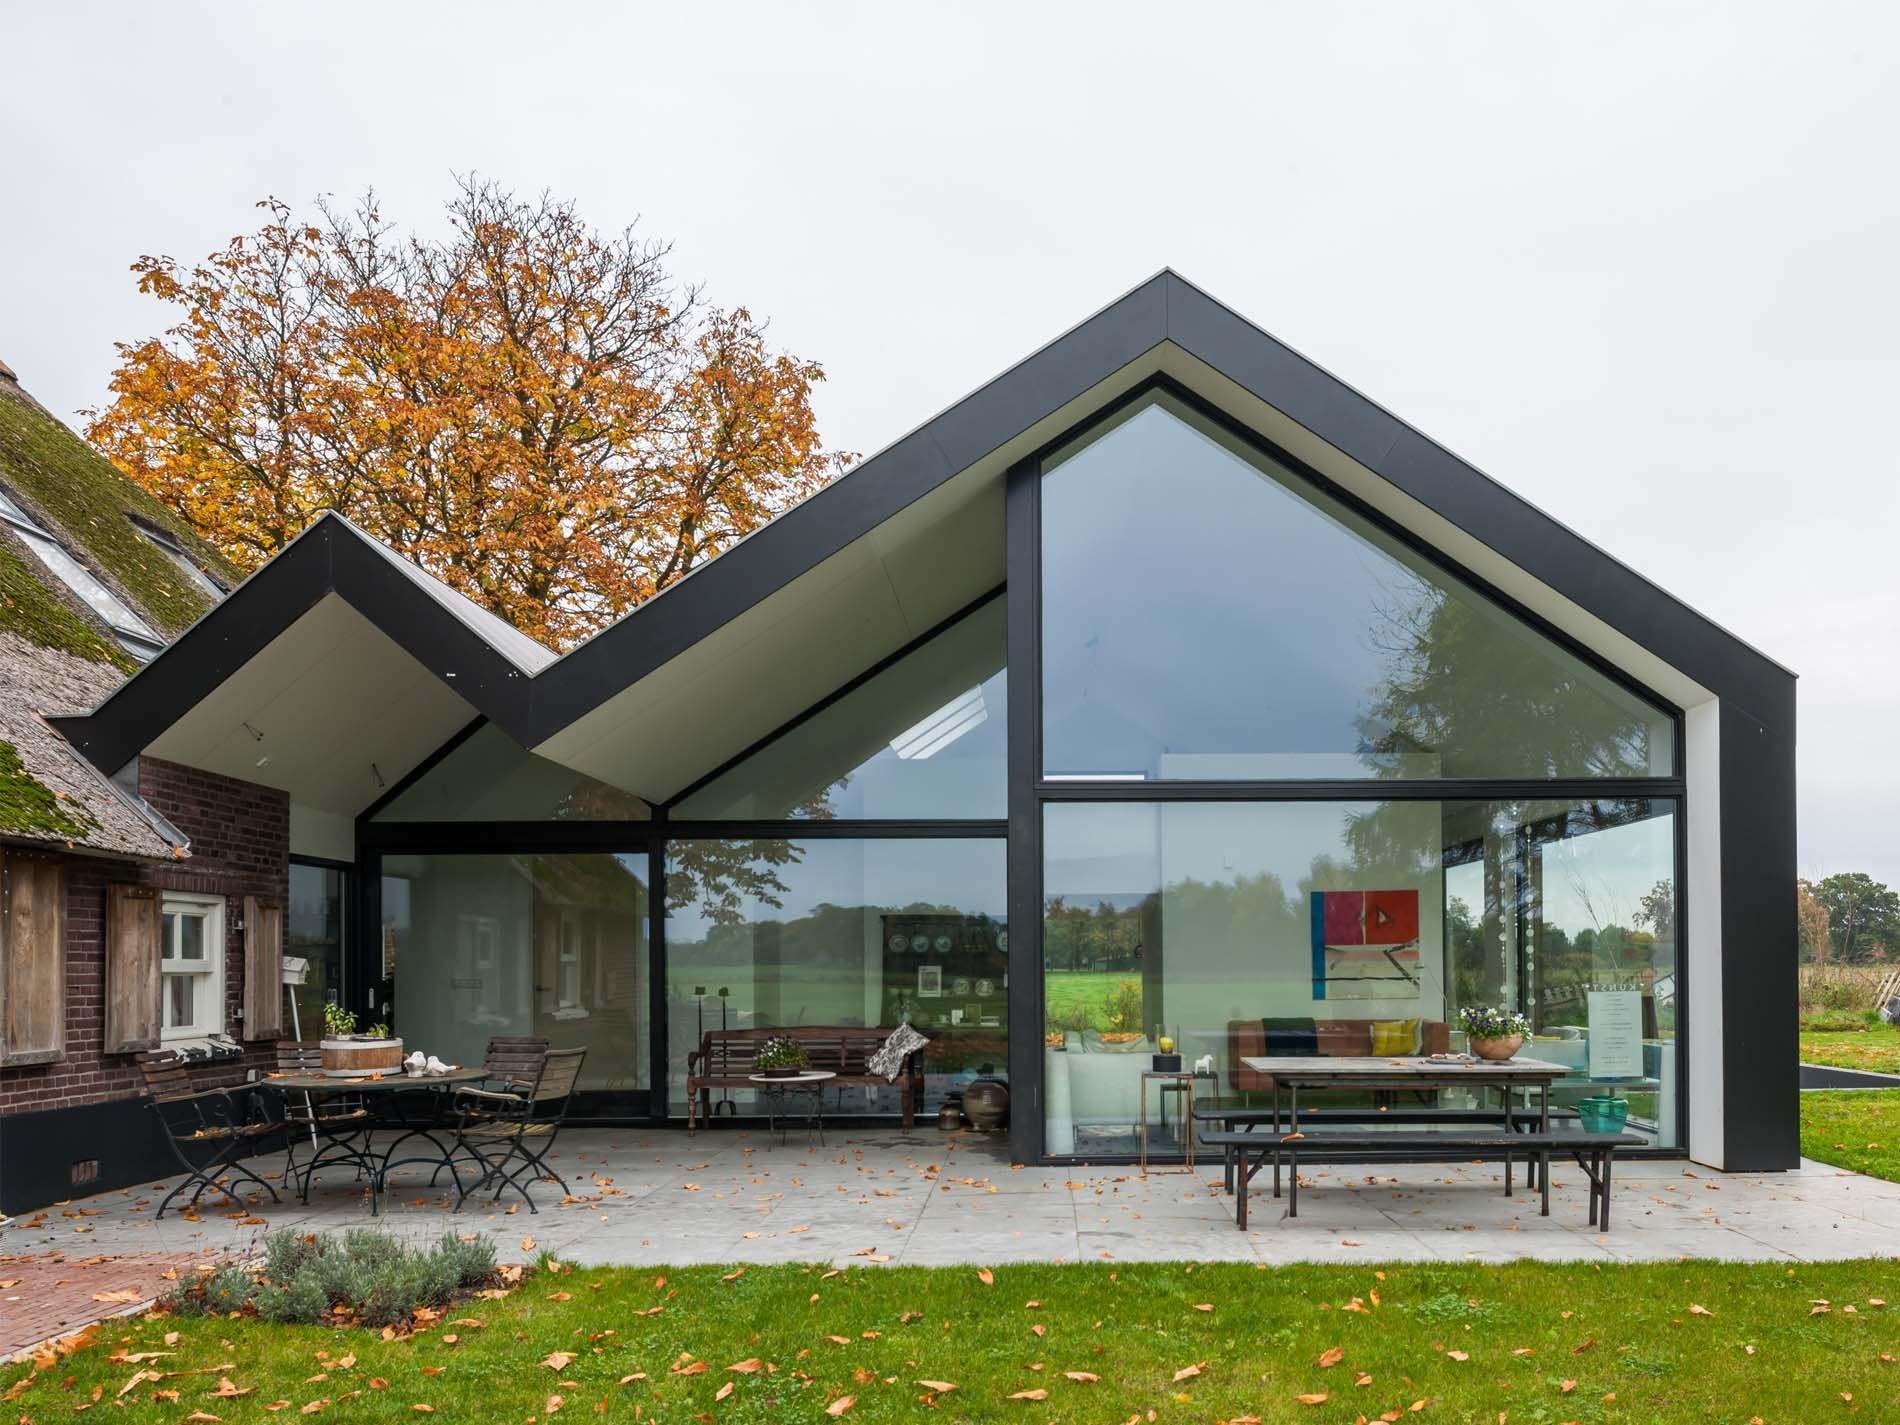 der wohnzimmer wintergarten wohnen design pinterest. Black Bedroom Furniture Sets. Home Design Ideas